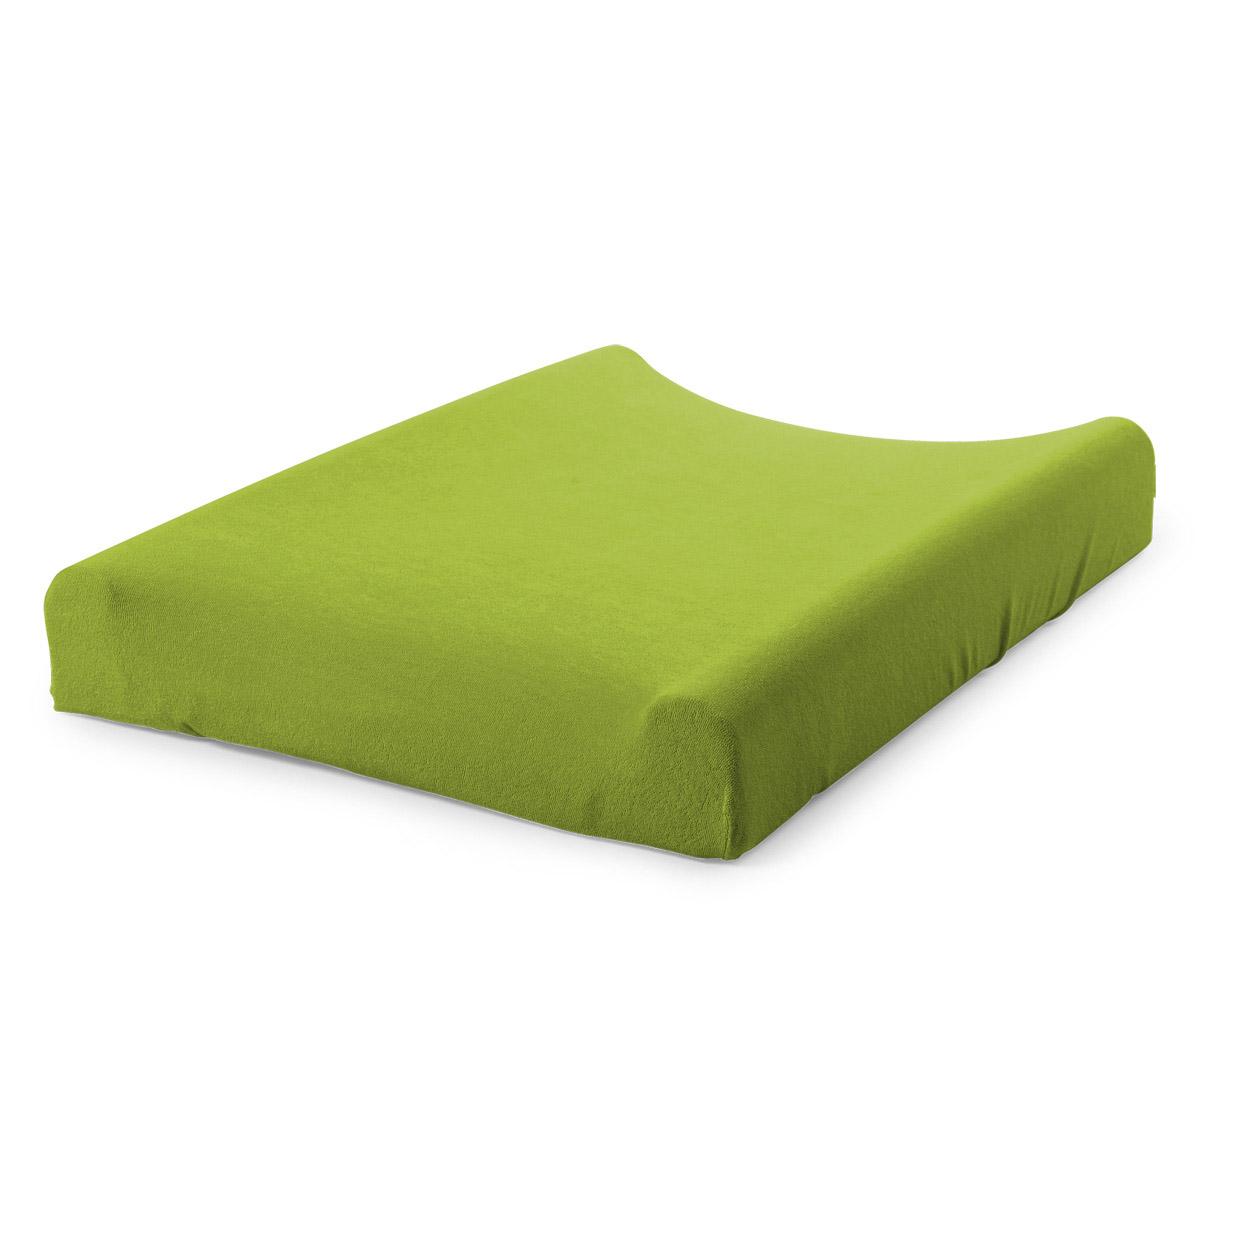 Husa pentru saltea de infasat Tricot Lime 180g imagine